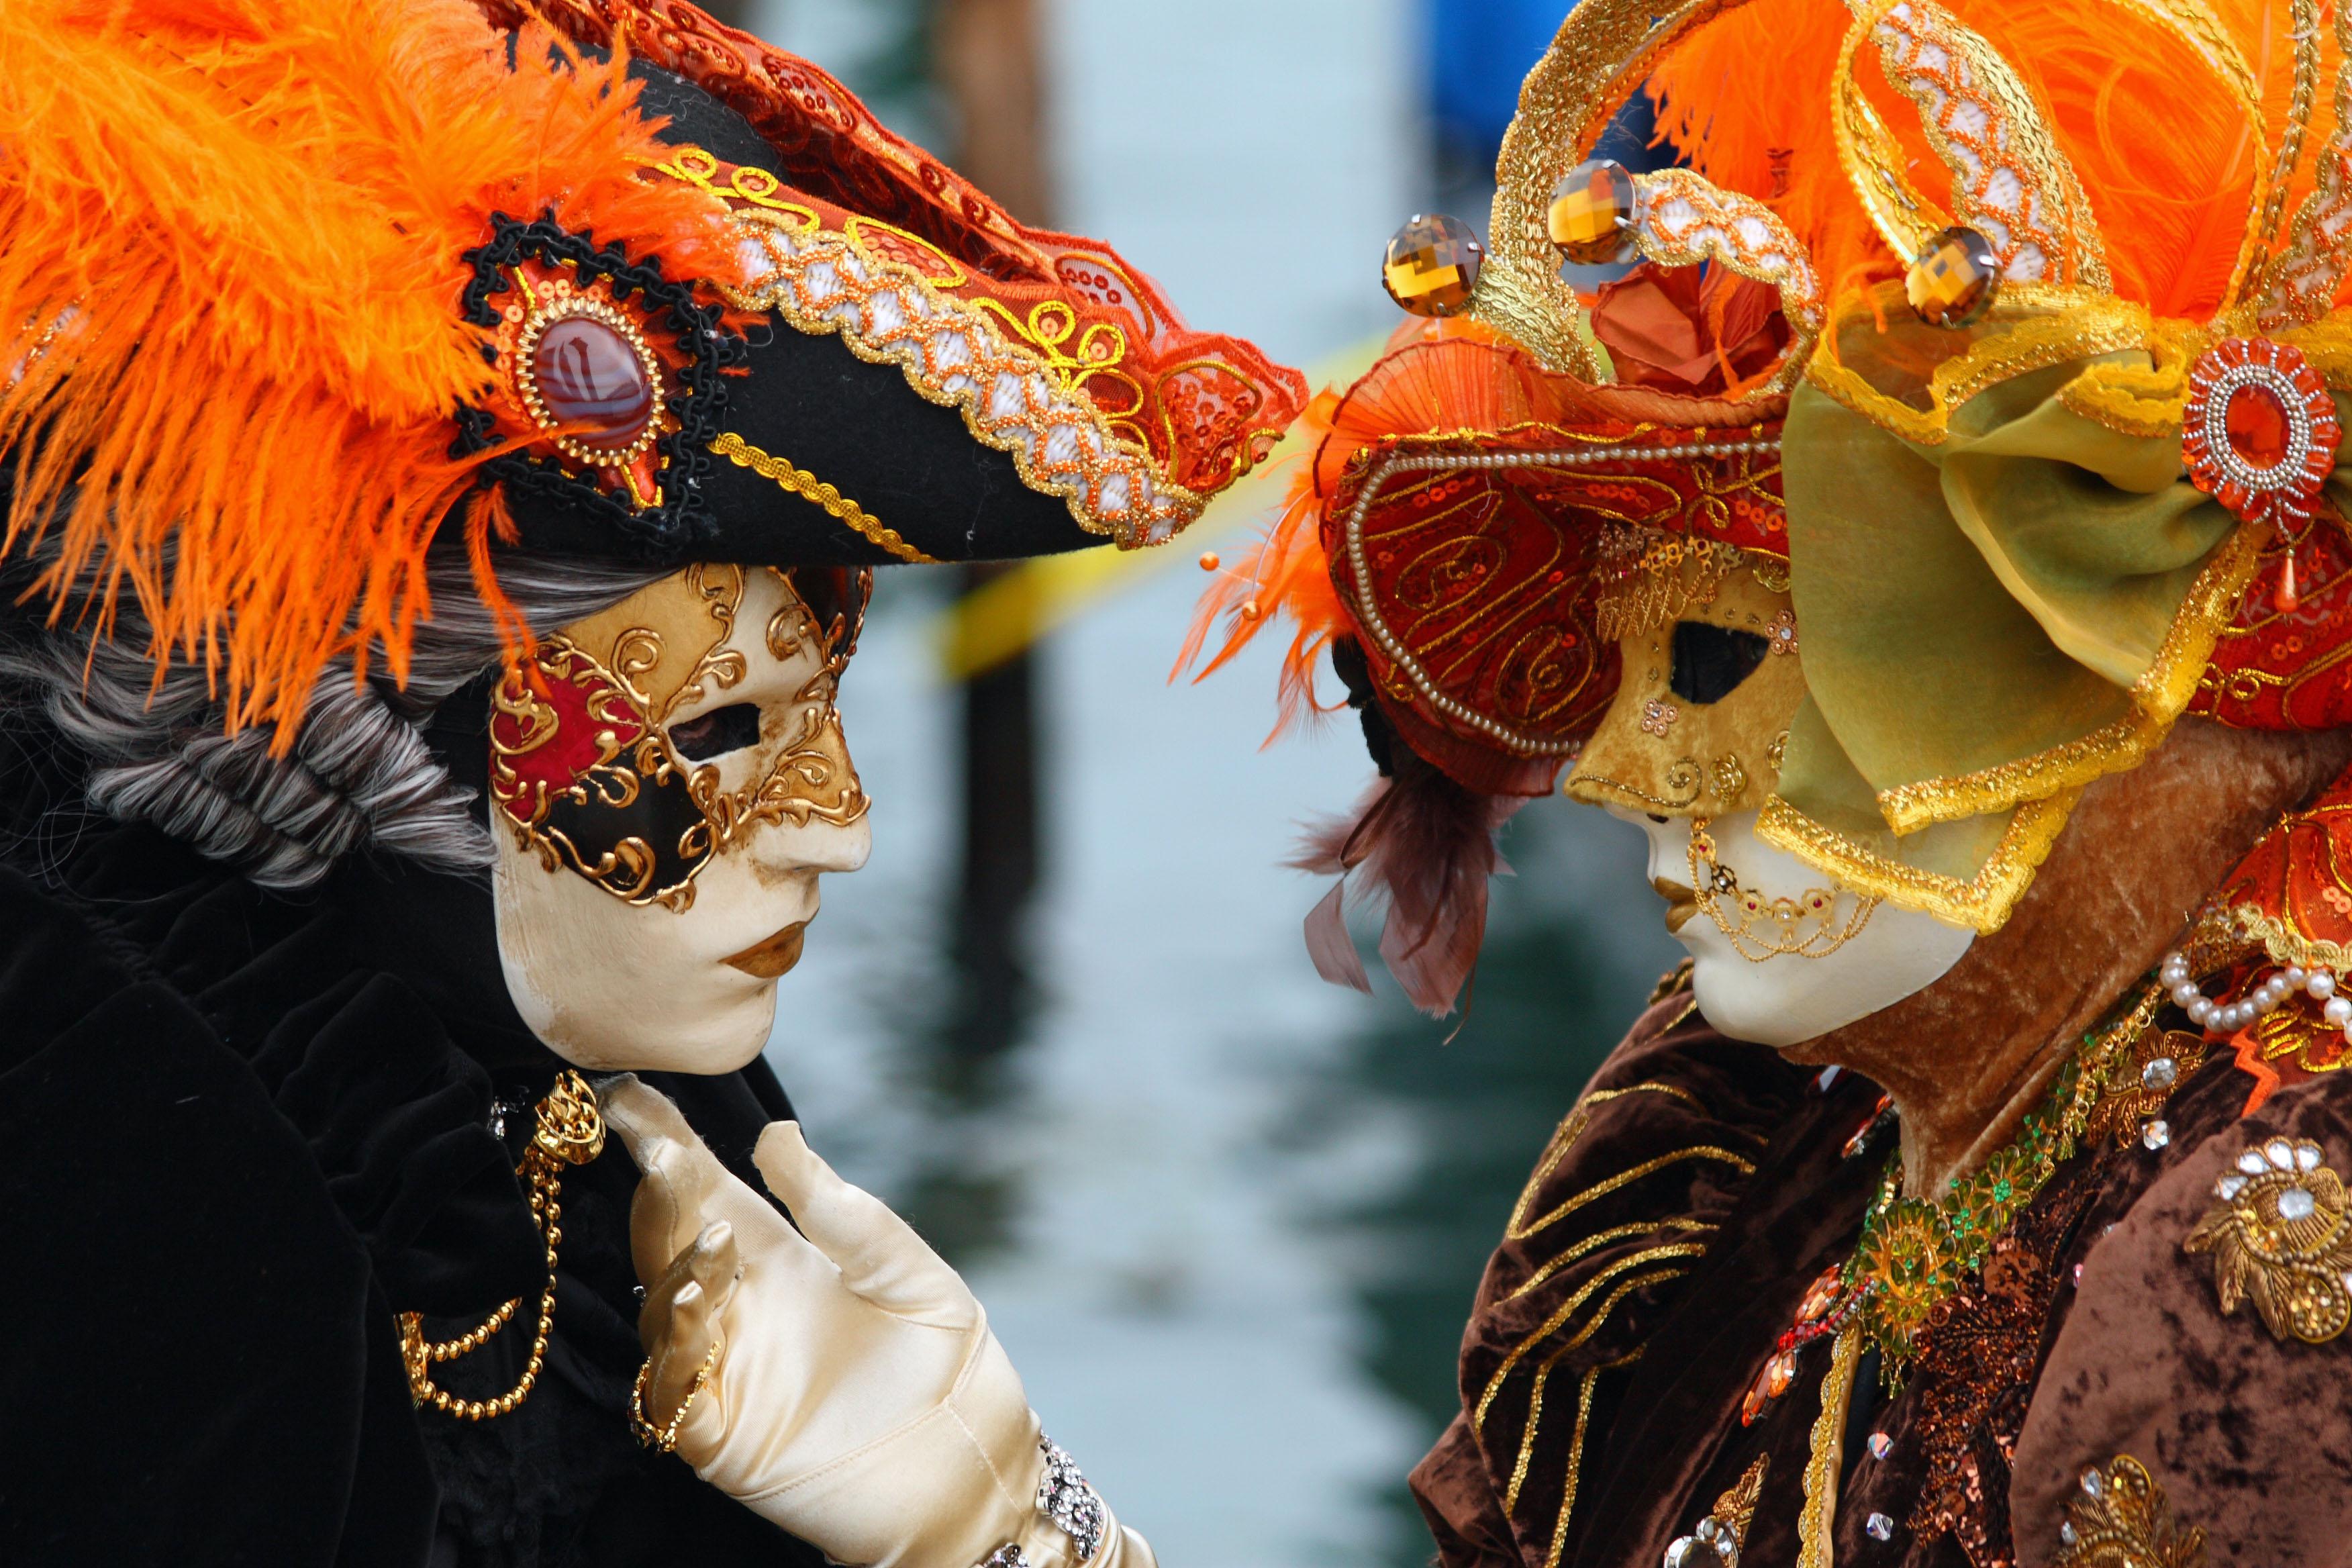 Cosa fare durante il Carnevale di Venezia